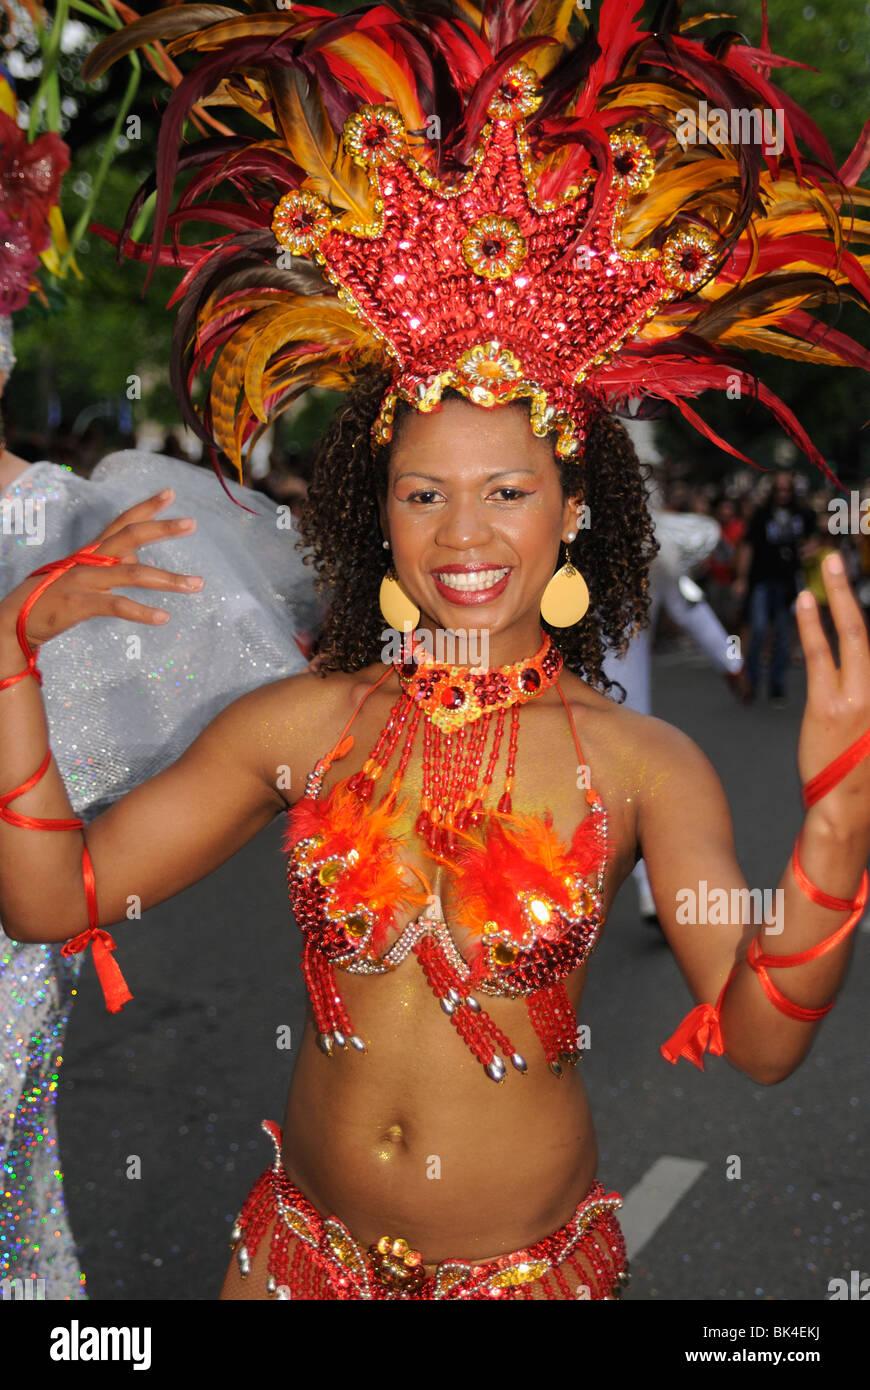 Samba brésilienne danseuse au Karneval der Kulturen, Carnaval des Cultures, Berlin, Kreuzberg, l'Allemagne, Photo Stock